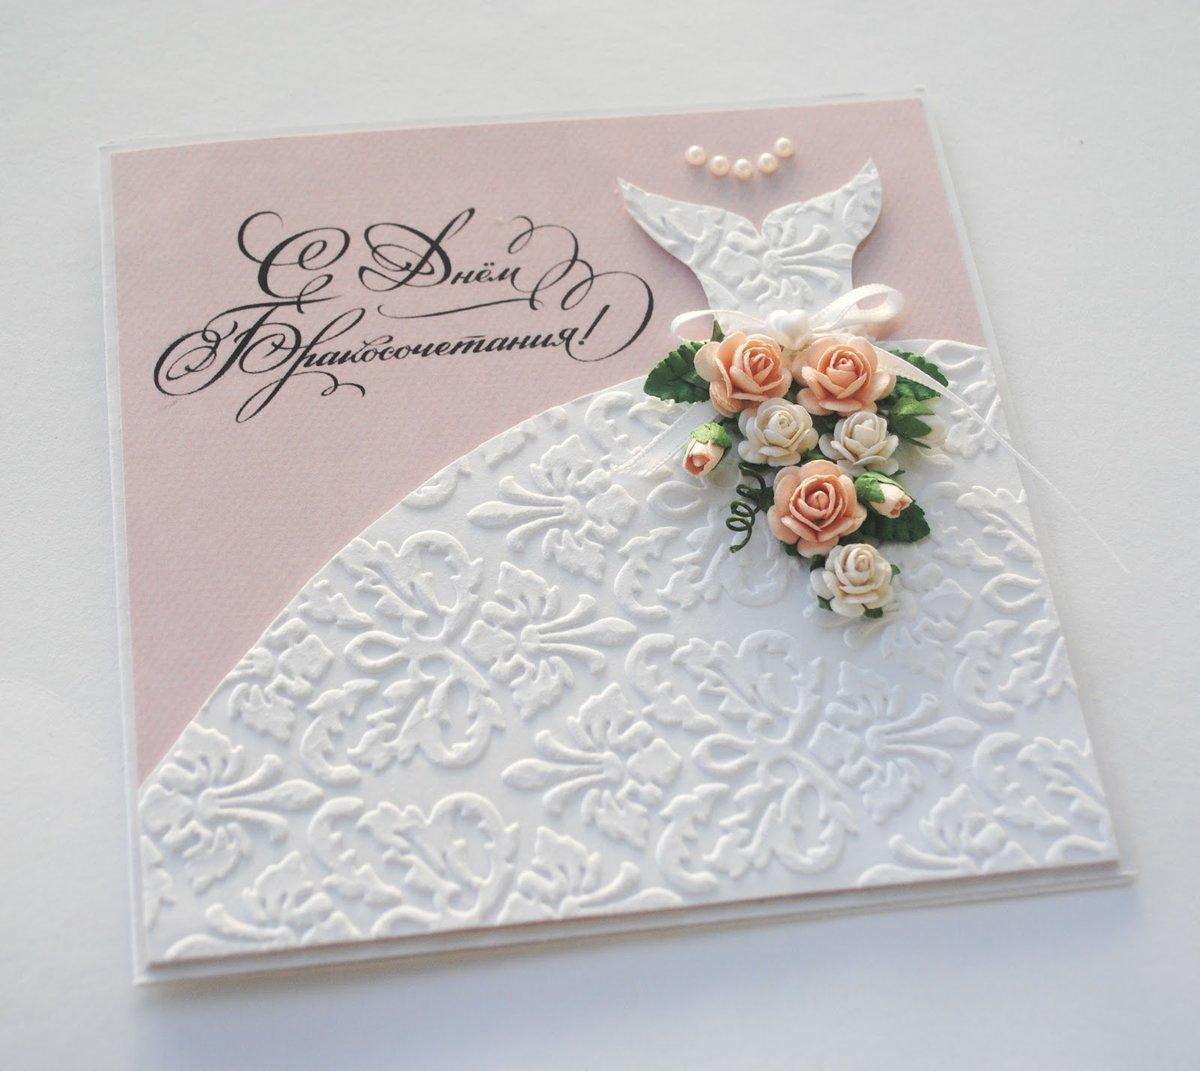 Создание открыток свадебных онлайн